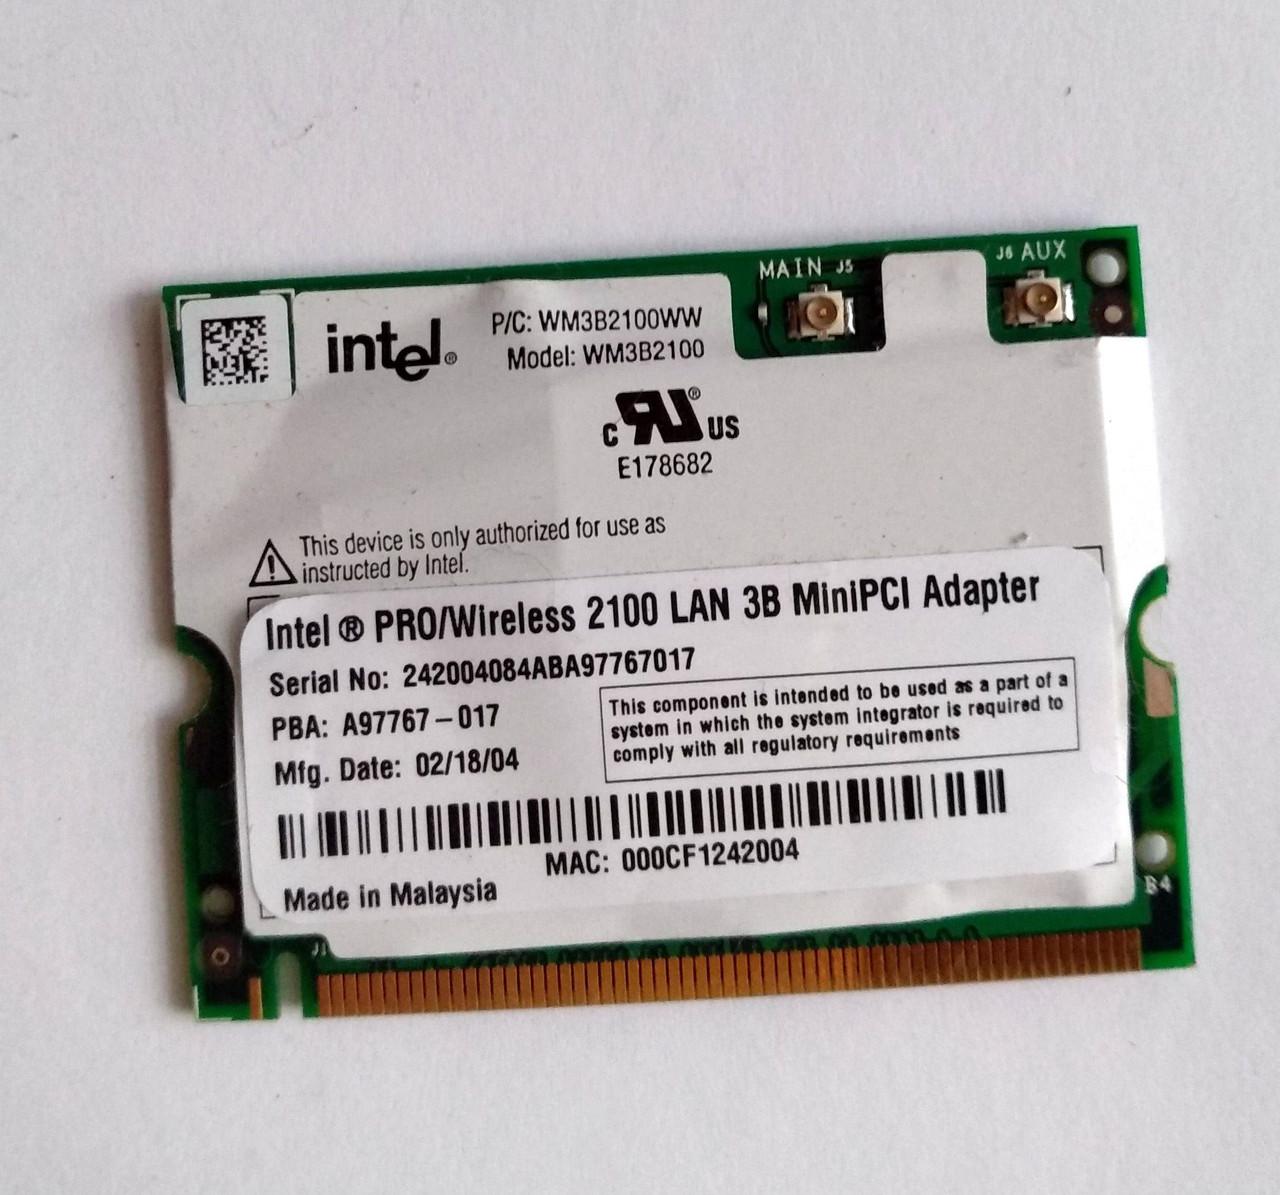 427 Wi-Fi Intel Pro Wireless 2100 WM3B2100WW 802.11 b/g mini PCI 11 Mbps для ноутбука